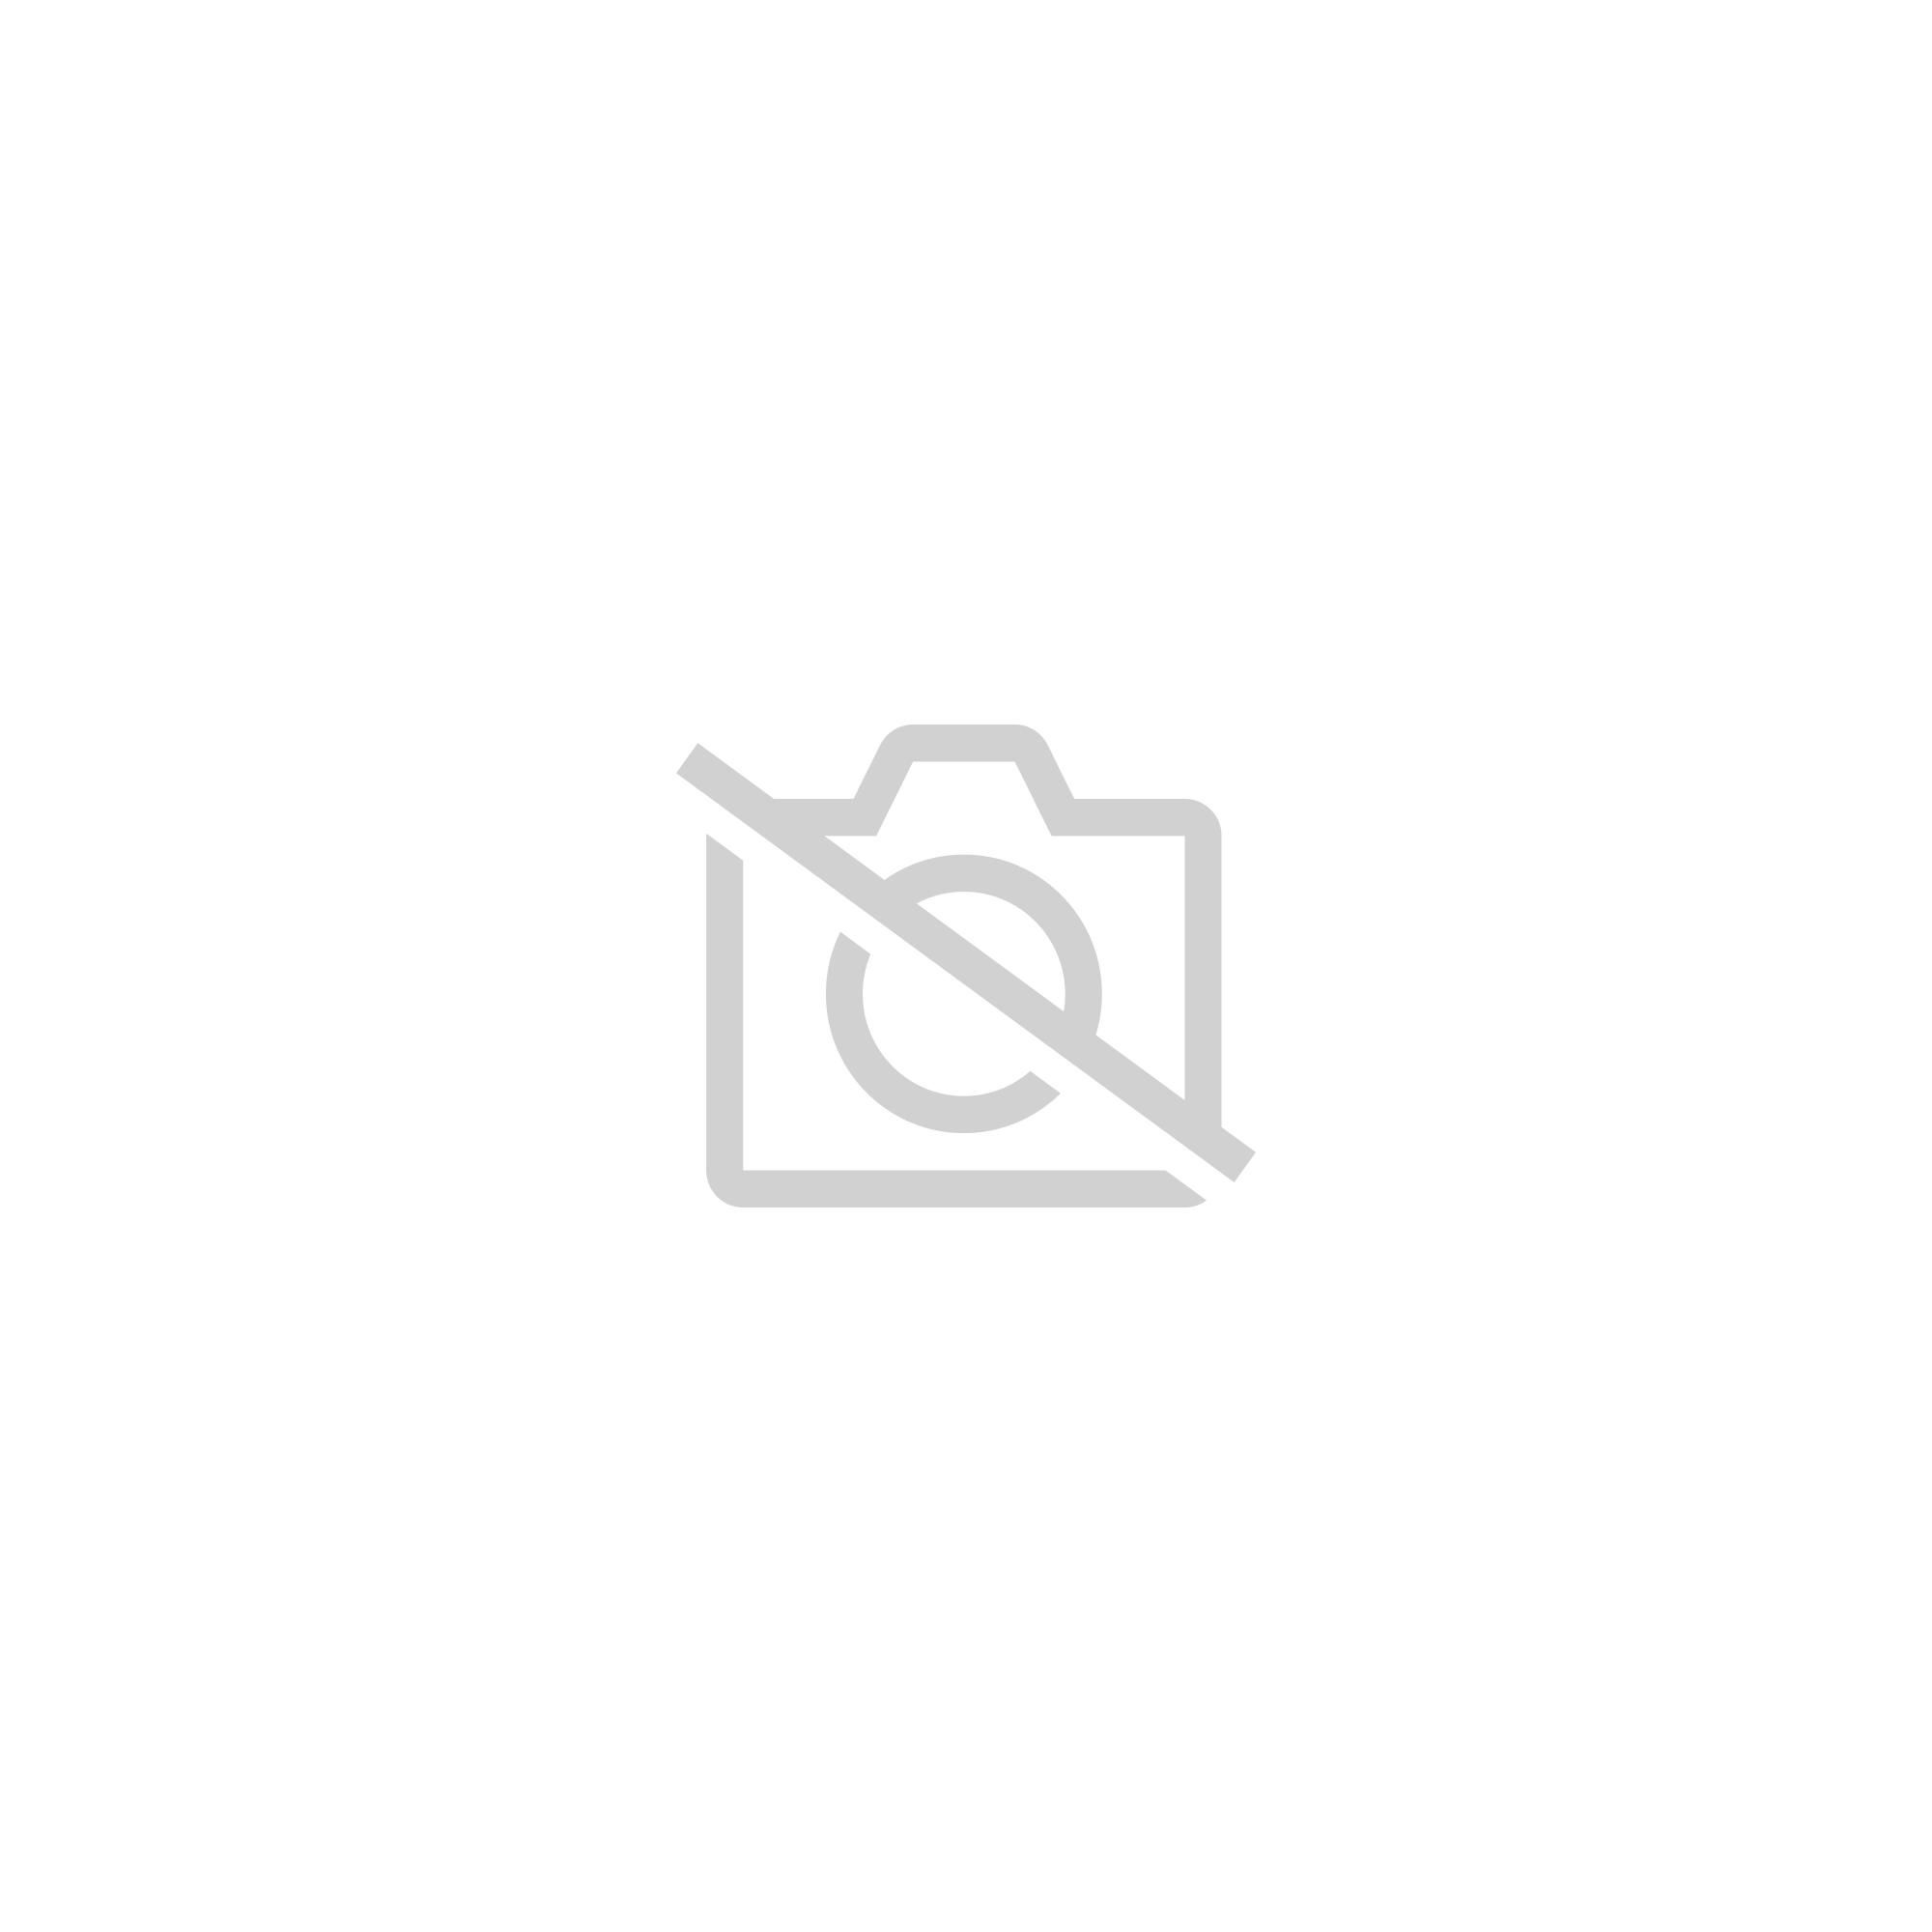 Lot De 2 Cpa De L'illustrateur Annette Verdier